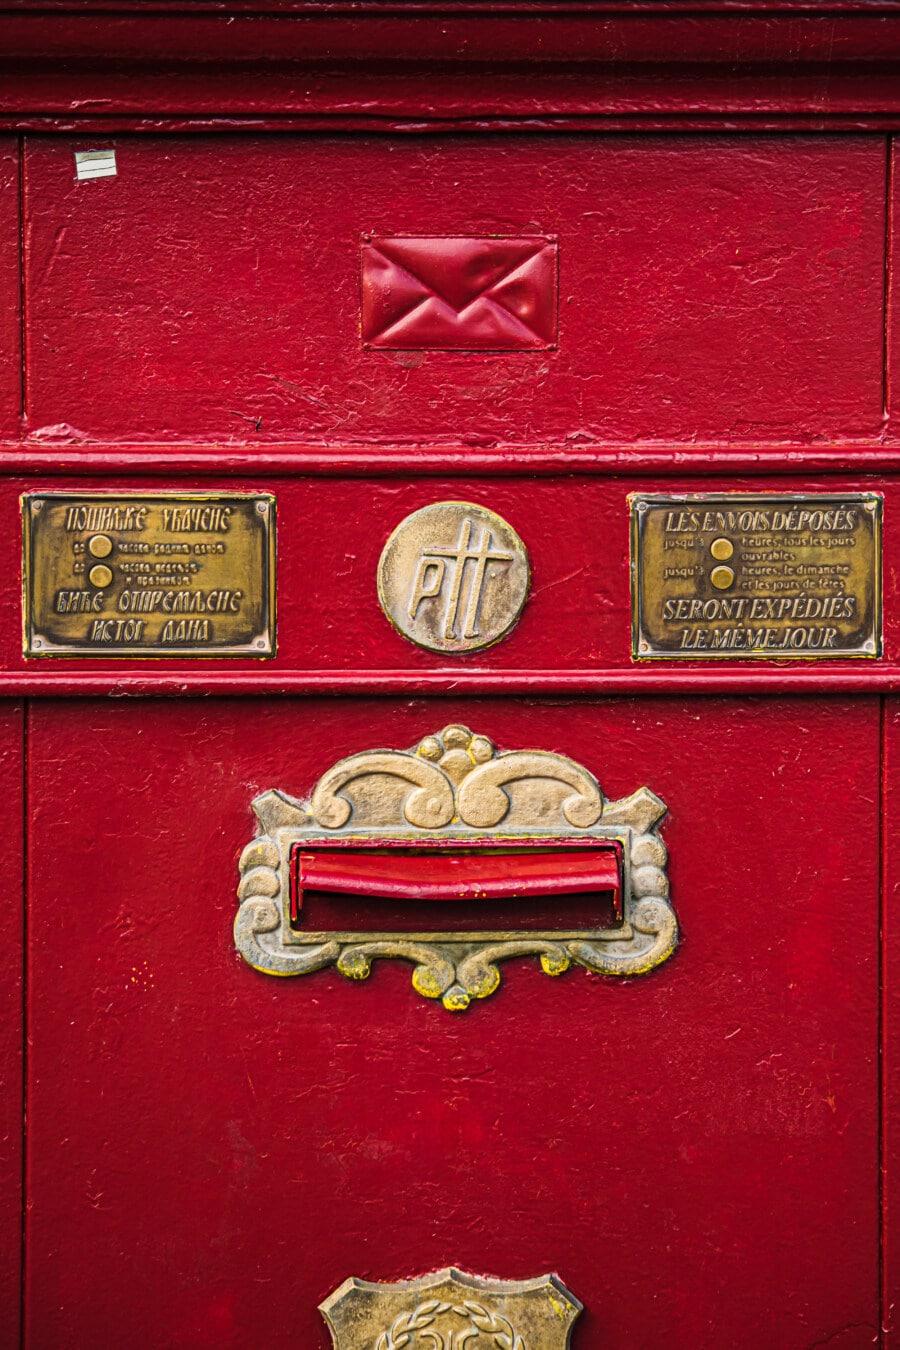 antiquité, boîte de, boîte aux lettres, courrier, vintage, rouge foncé, conteneur, vieux, antique, retro